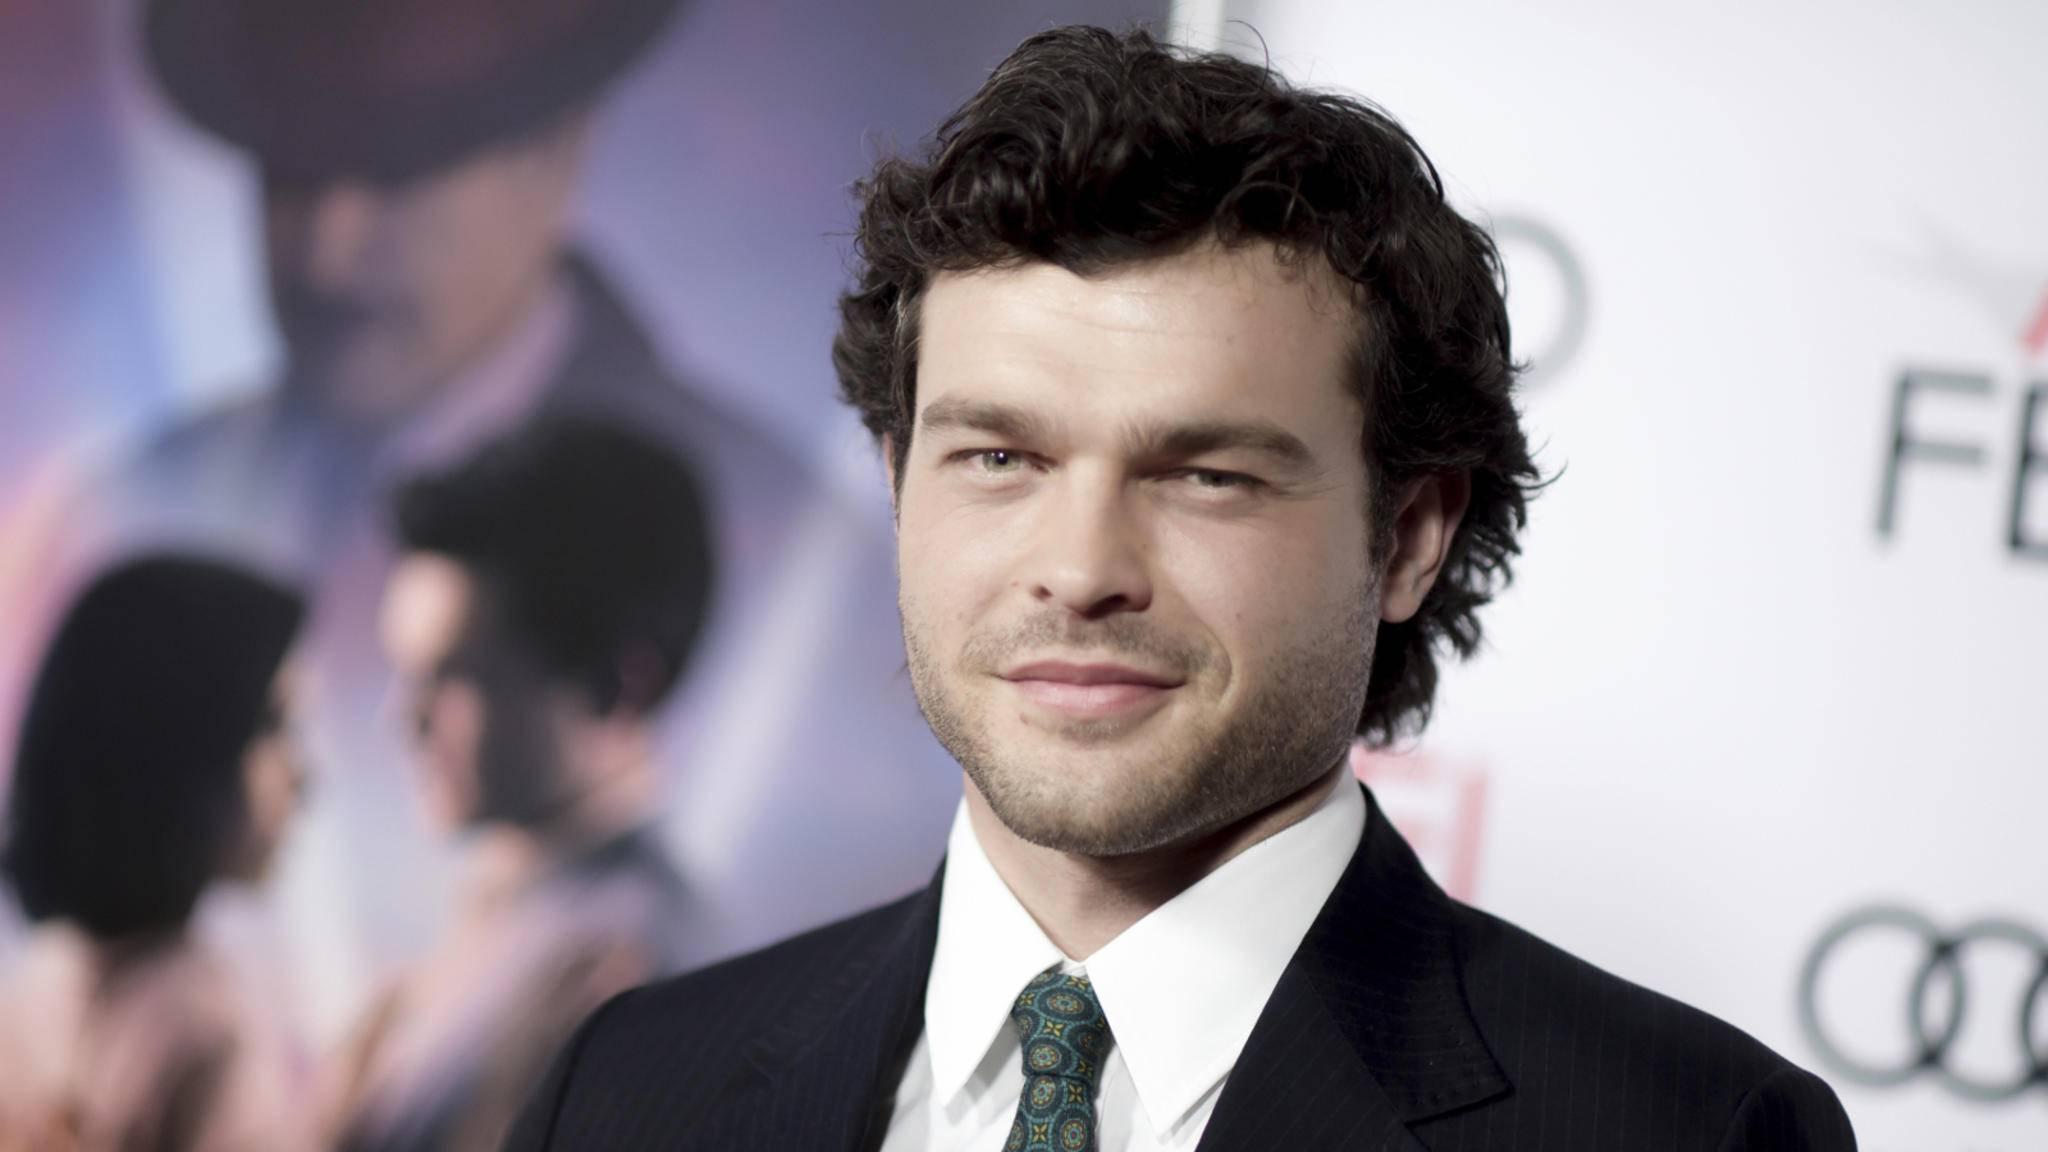 Han Solos neues Gesicht: Alden Ehrenreich tritt bald in Harrison Fords Fußstapfen.